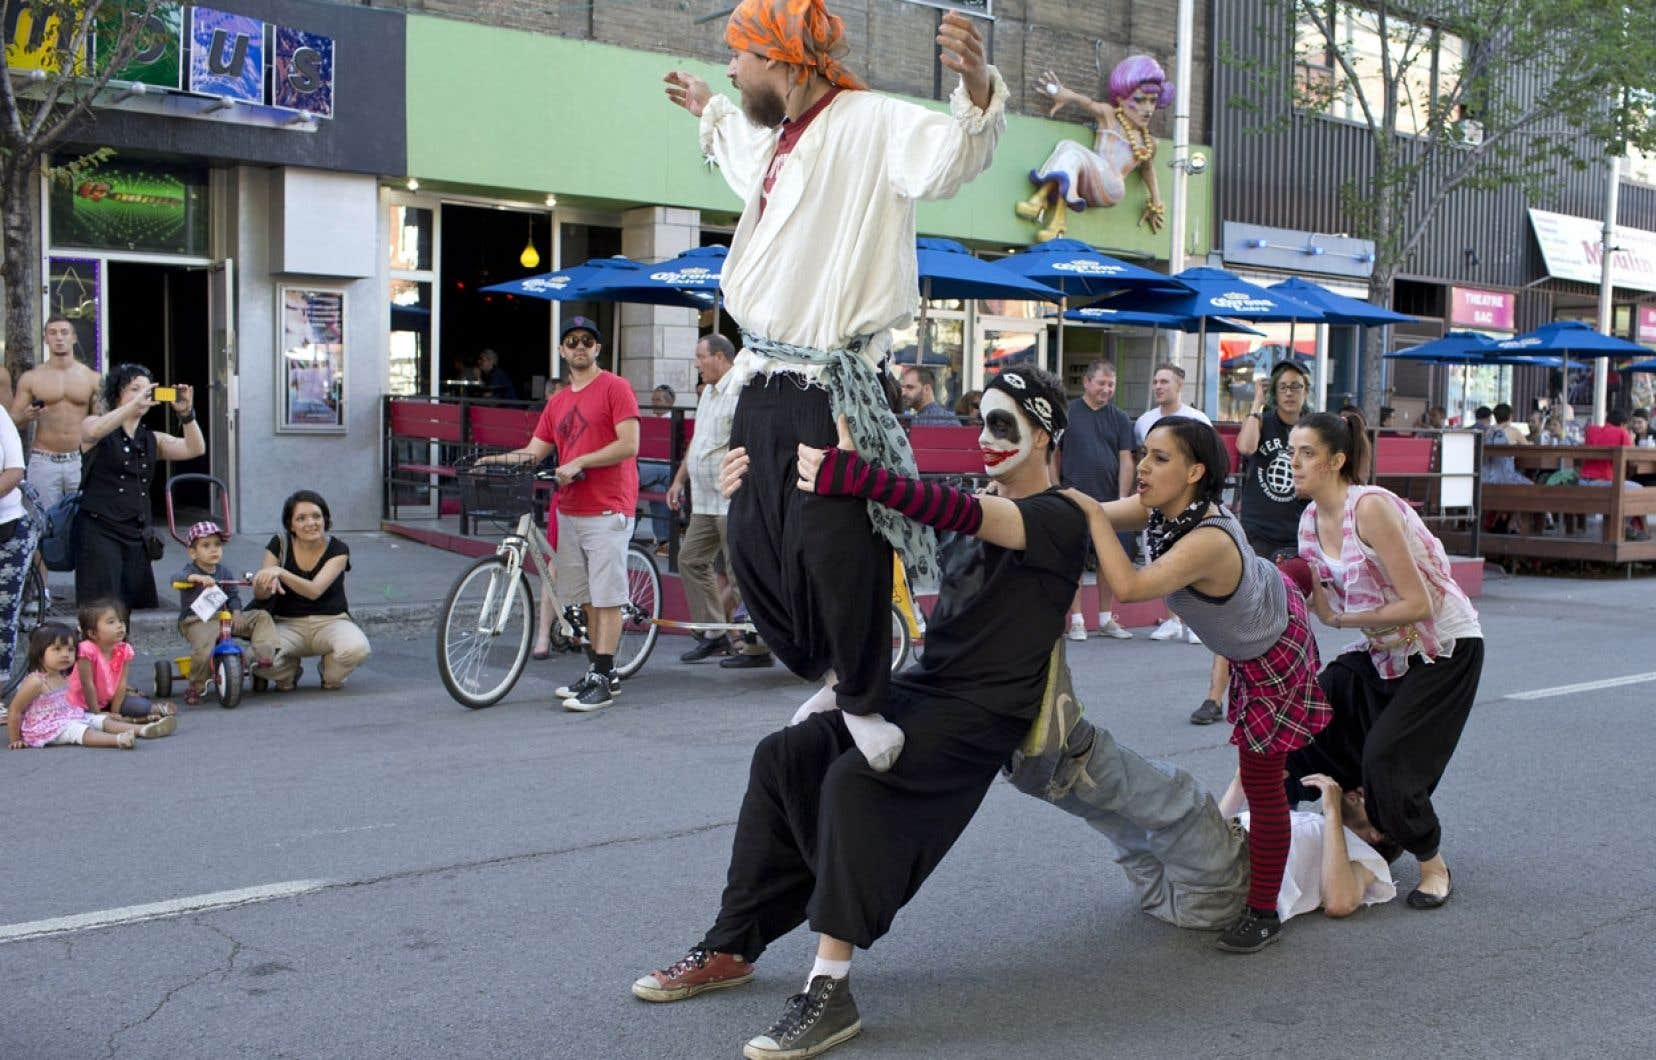 Chaque année, le cirque Hors Piste accueille en moyenne 200 jeunes pour participer à leurs divers ateliers burlesques.